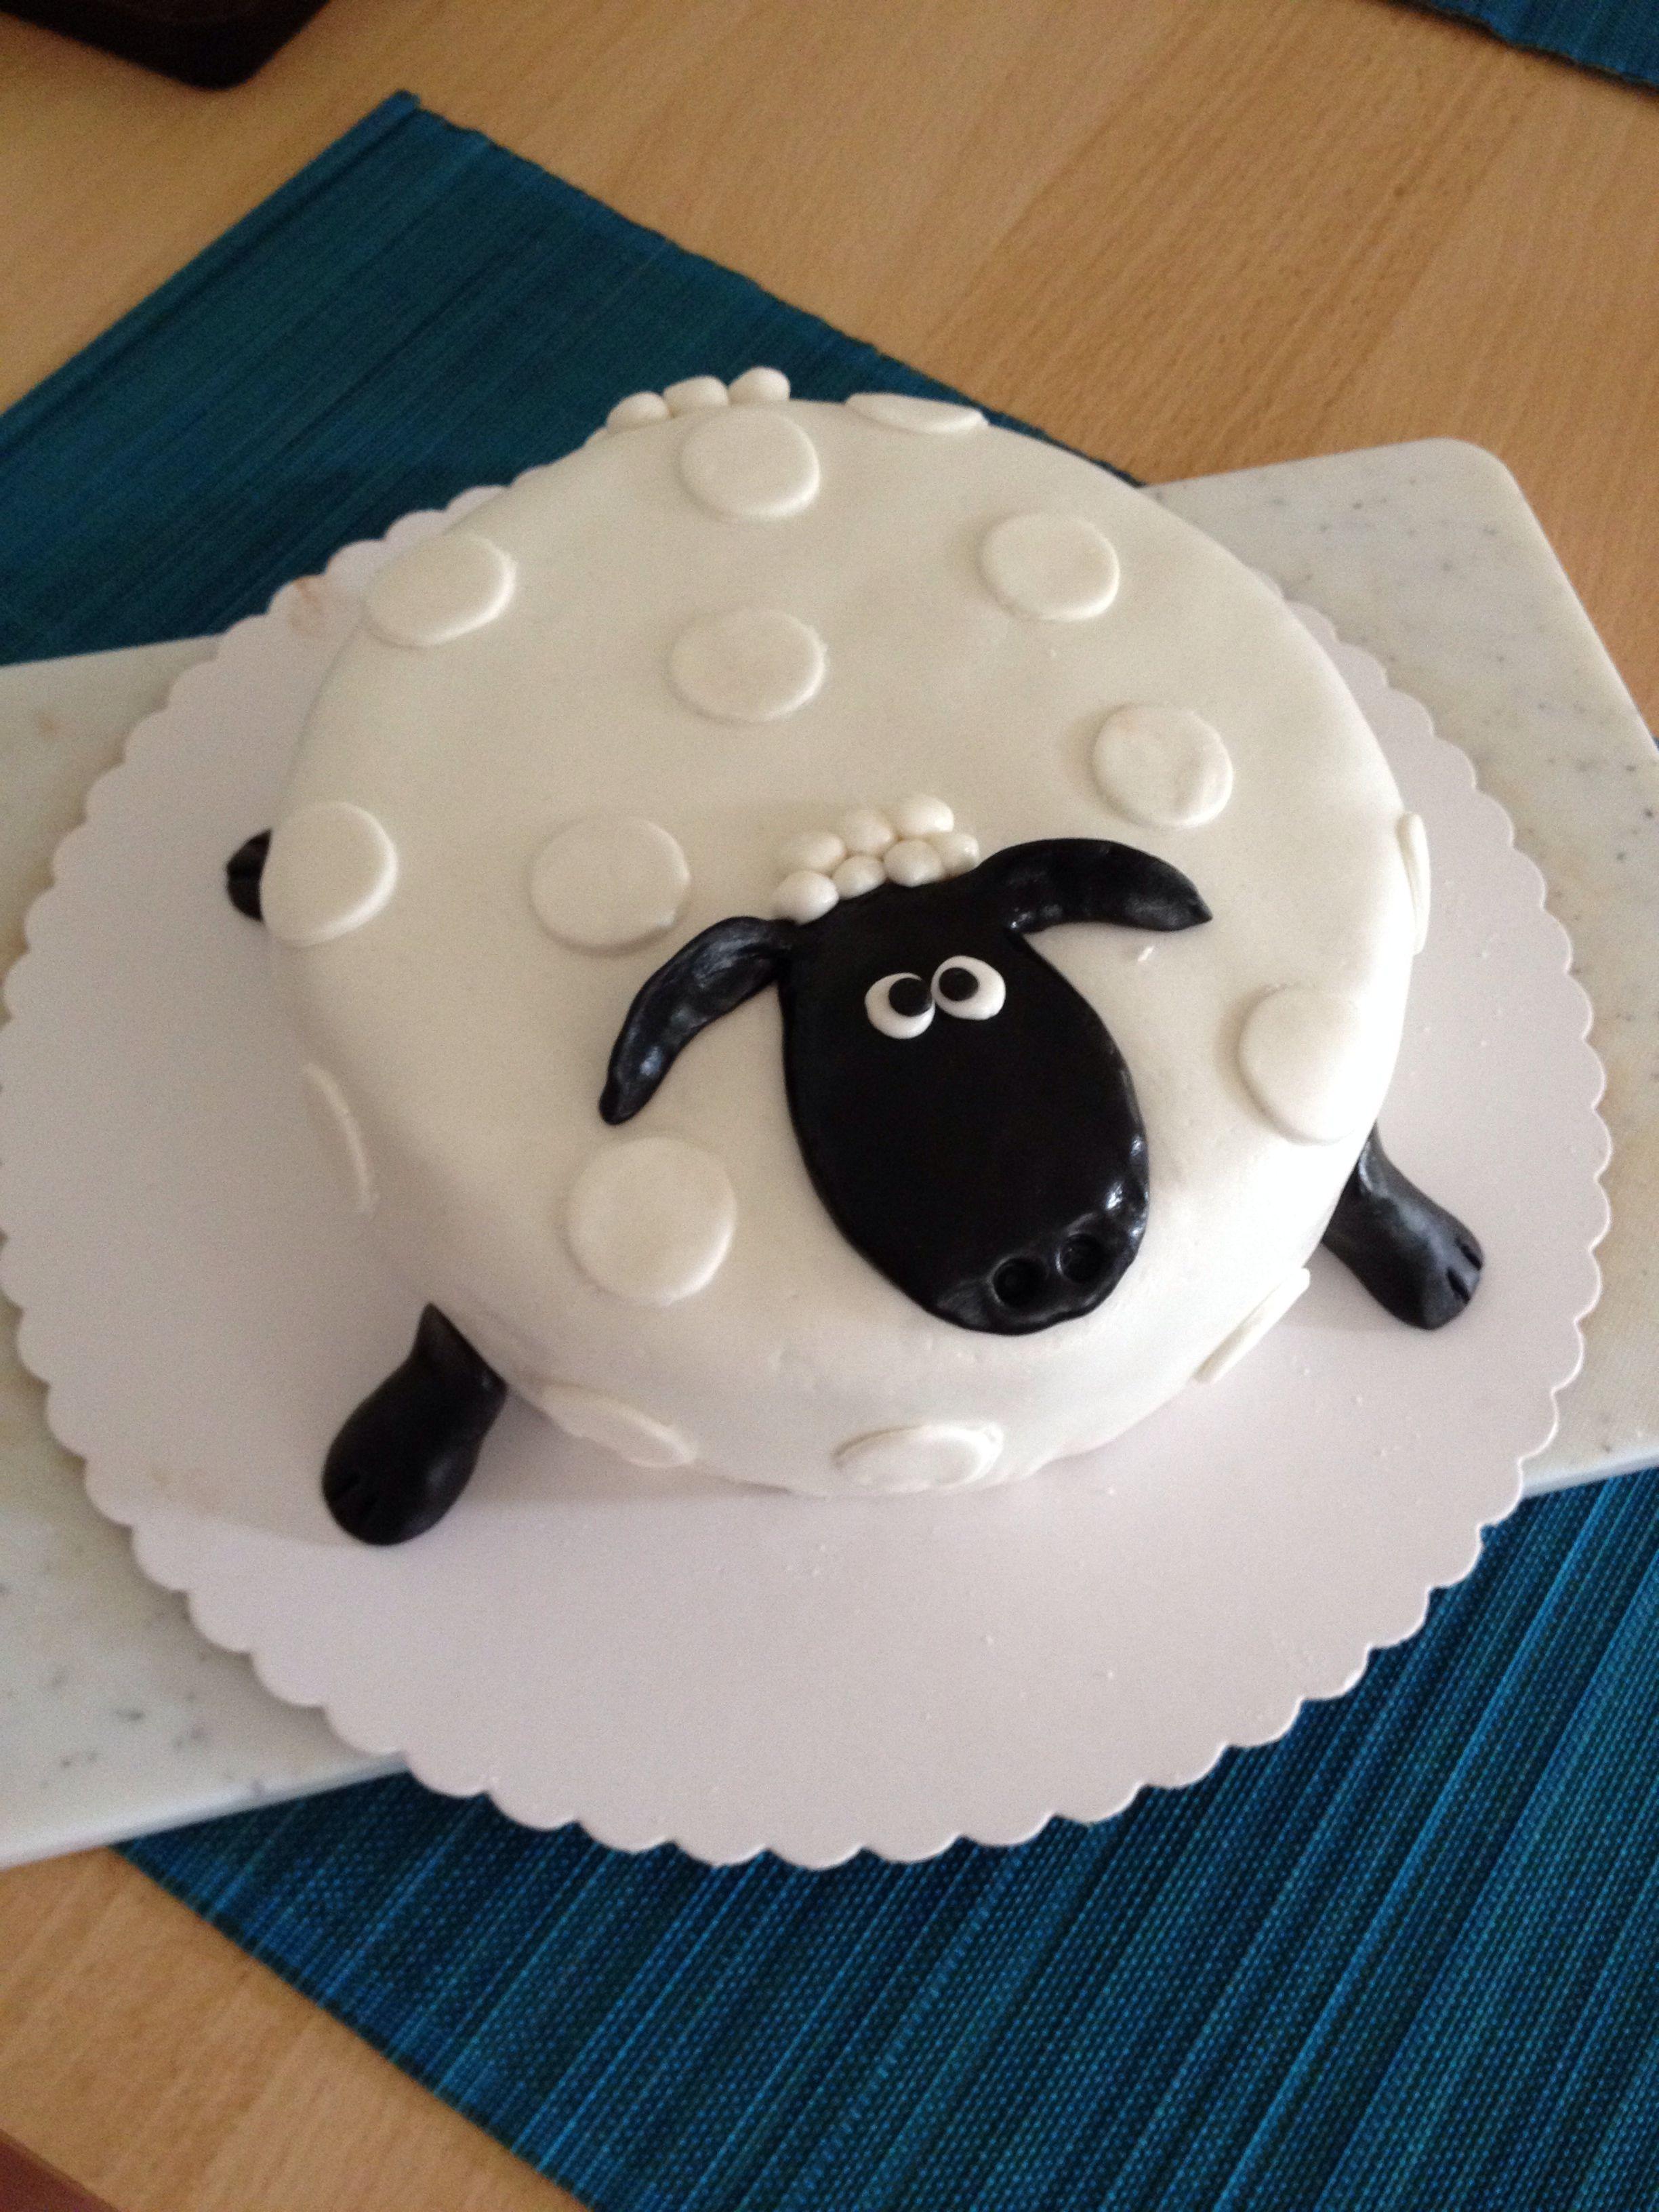 Mein Erster Fondant Kuchen Shaun Das Schaf Kuchen Und Torten Kuchen Mit Fondant Kuchen Und Torten Rezepte